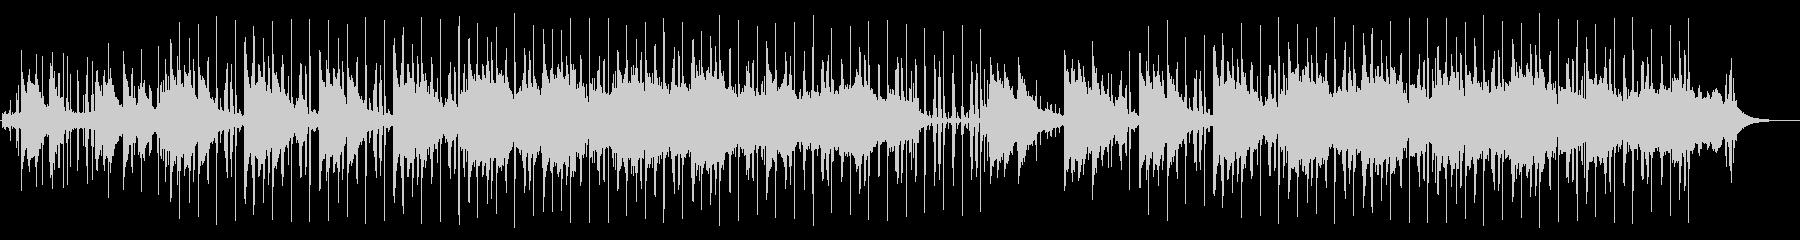 ヒップホップ系アシッドジャズの未再生の波形